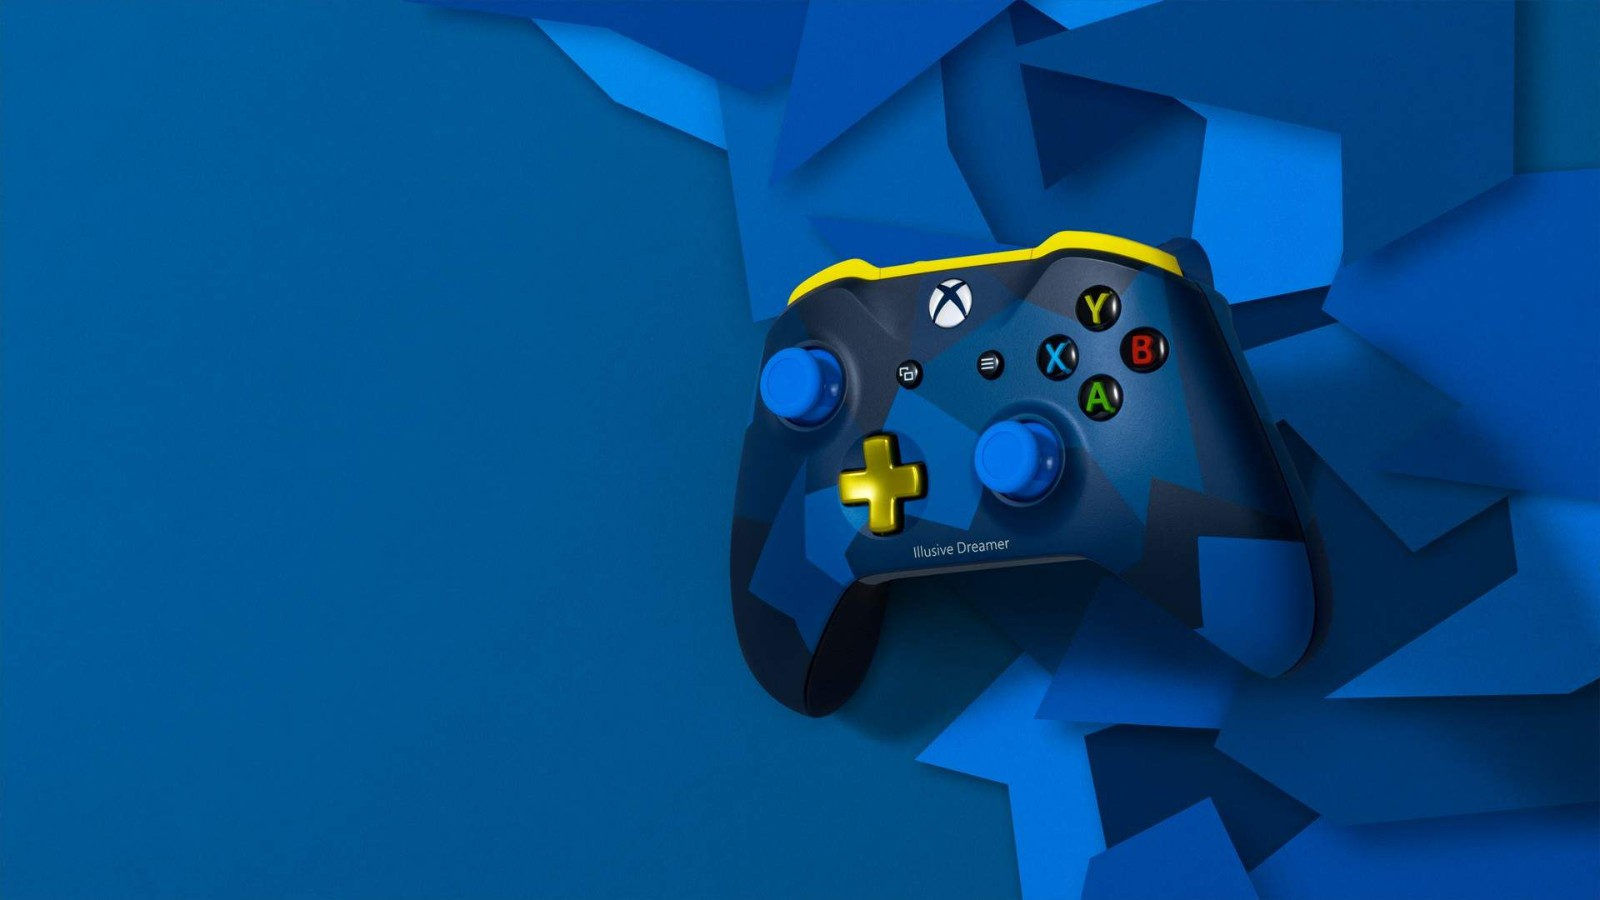 XboxOne手柄获固件升级 解锁新手柄两项功能